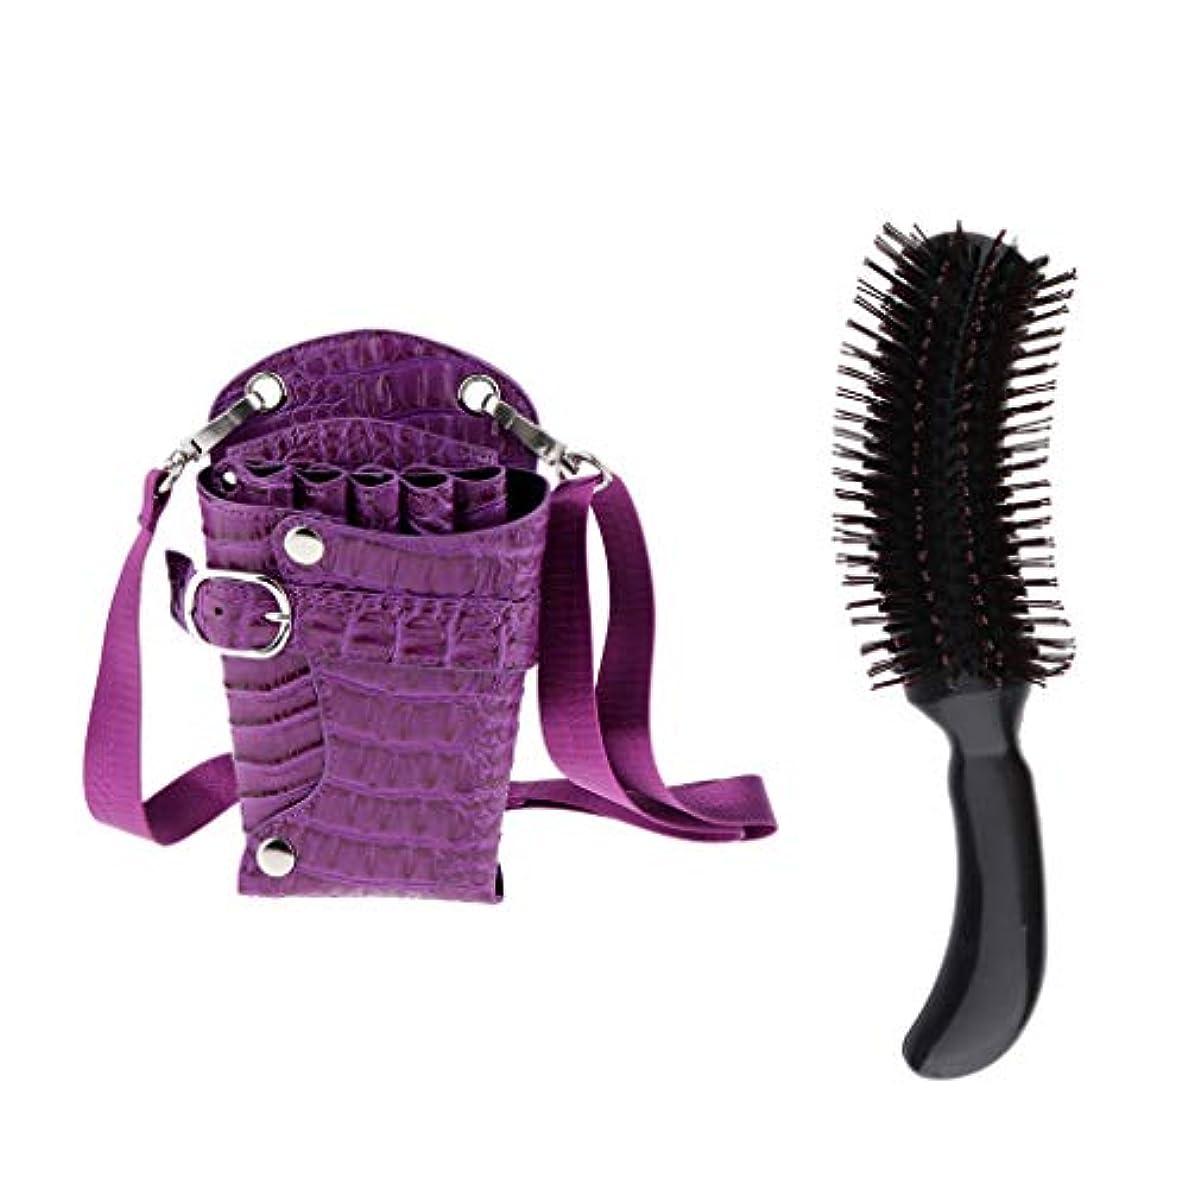 お酢迅速シーフードDYNWAVE 理髪はさみツールホルダーケース&スタイリングデタングルヘアブラシS形状